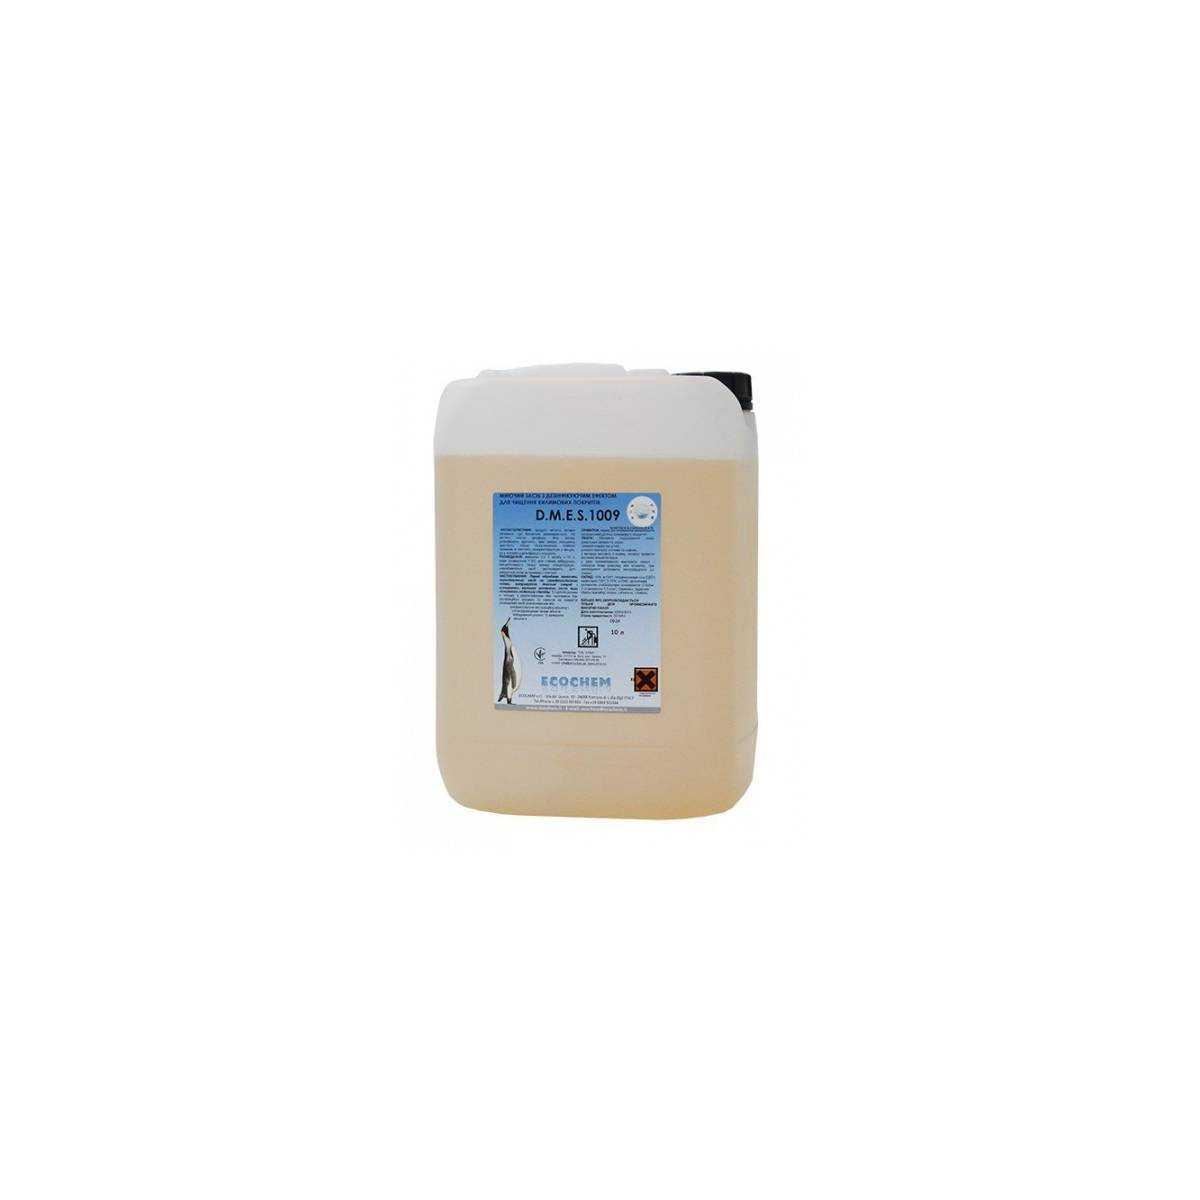 Средство для чистки ковровых покрытий 10 л D.M.E.1009 ECOCHEM